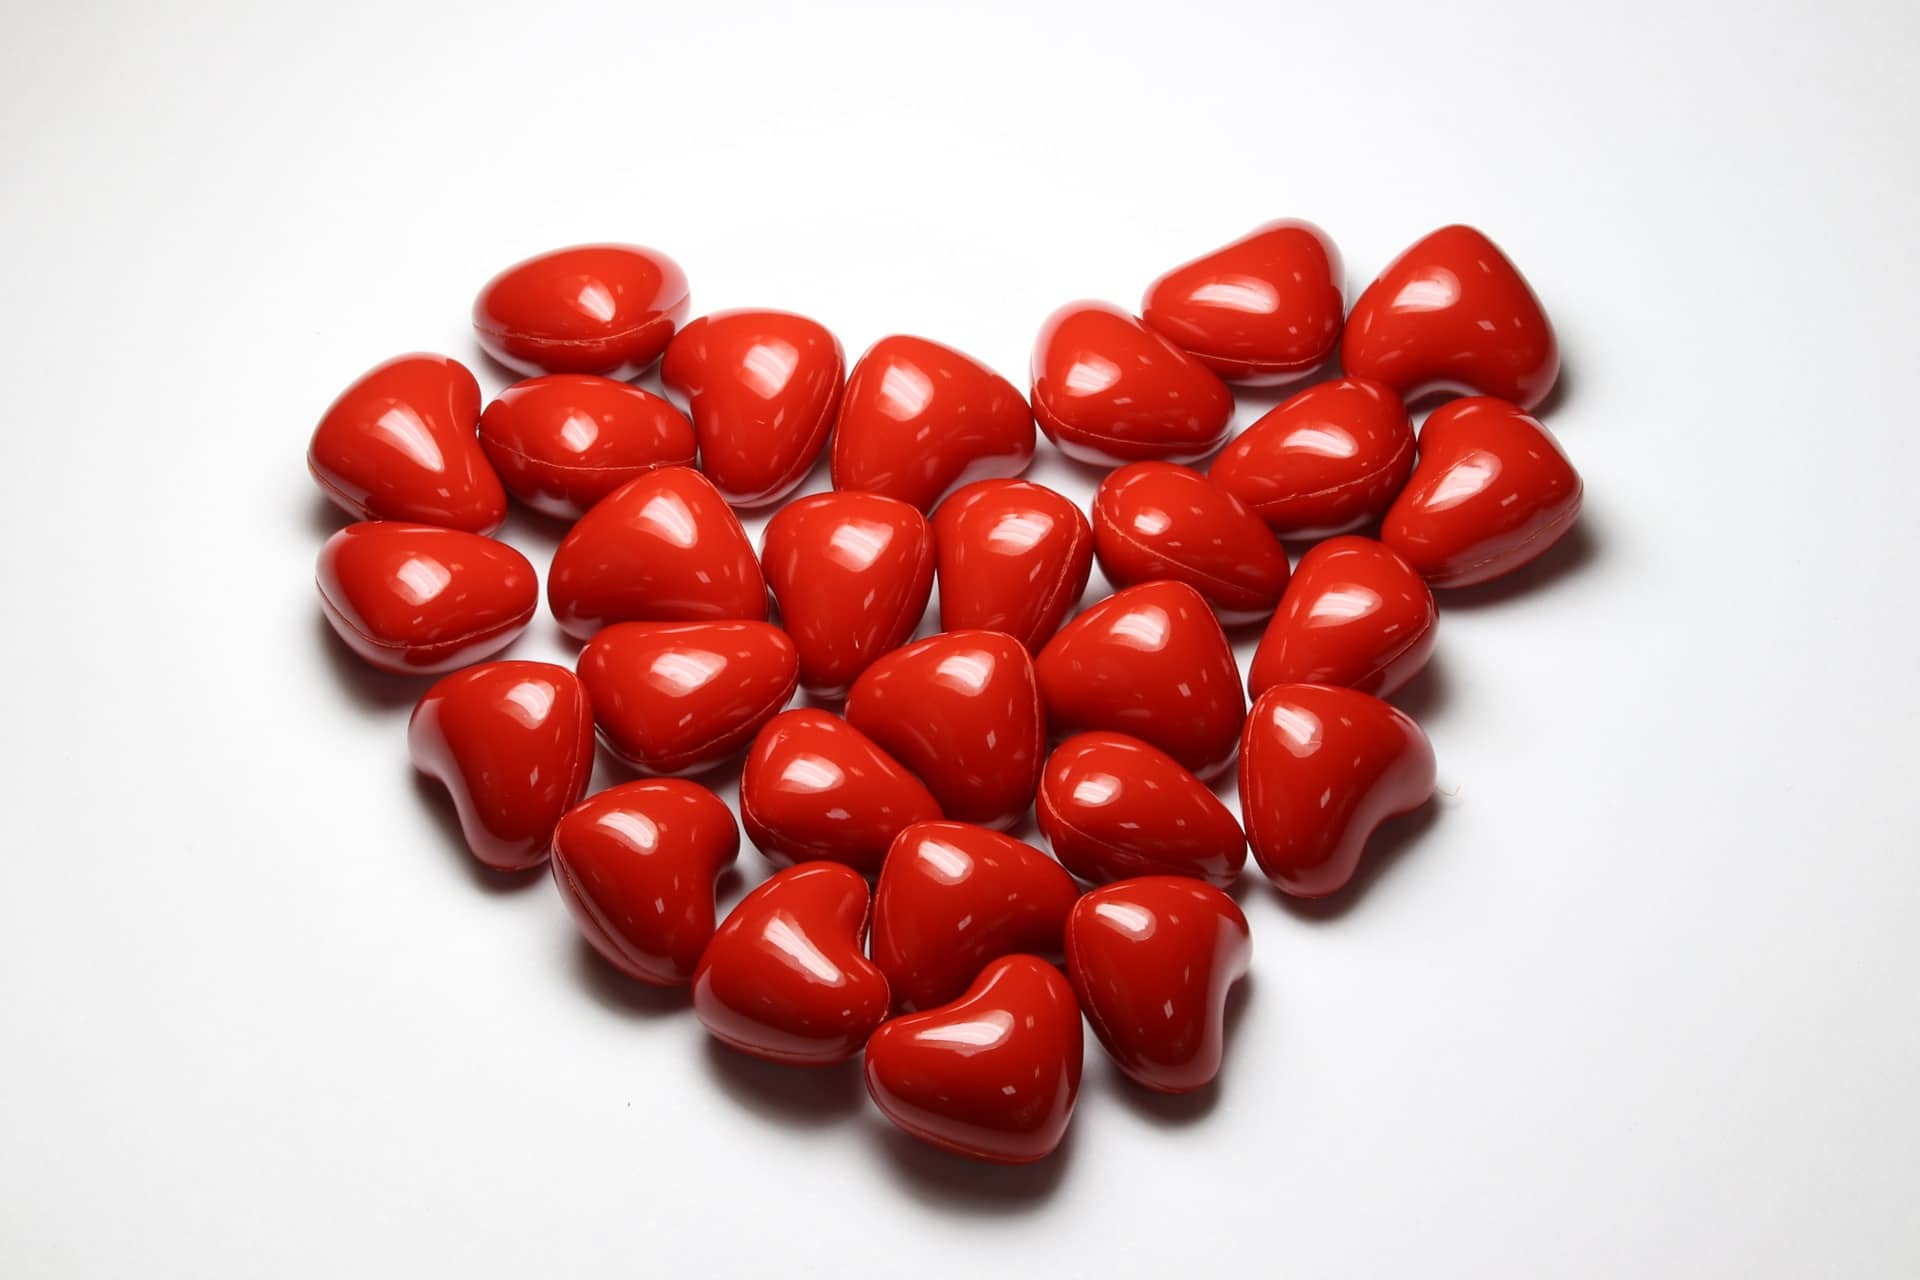 Les assureurs maladies font confiance aux pharmarciens